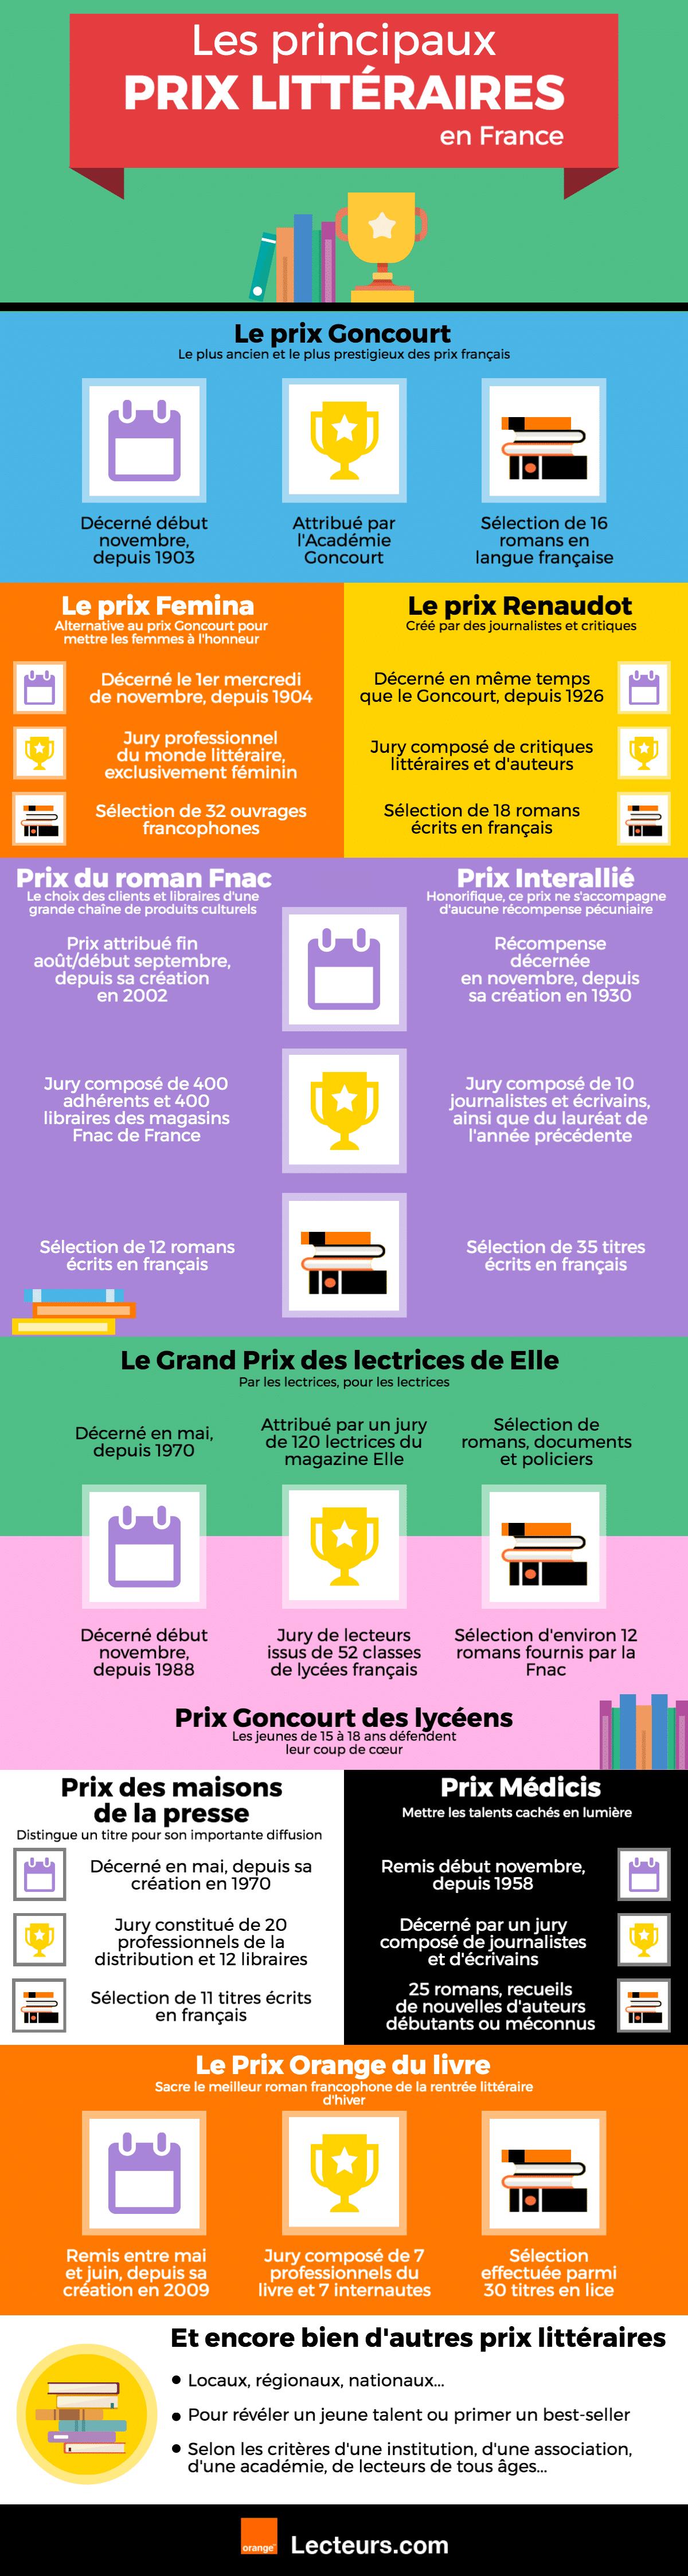 Prix littéraires français